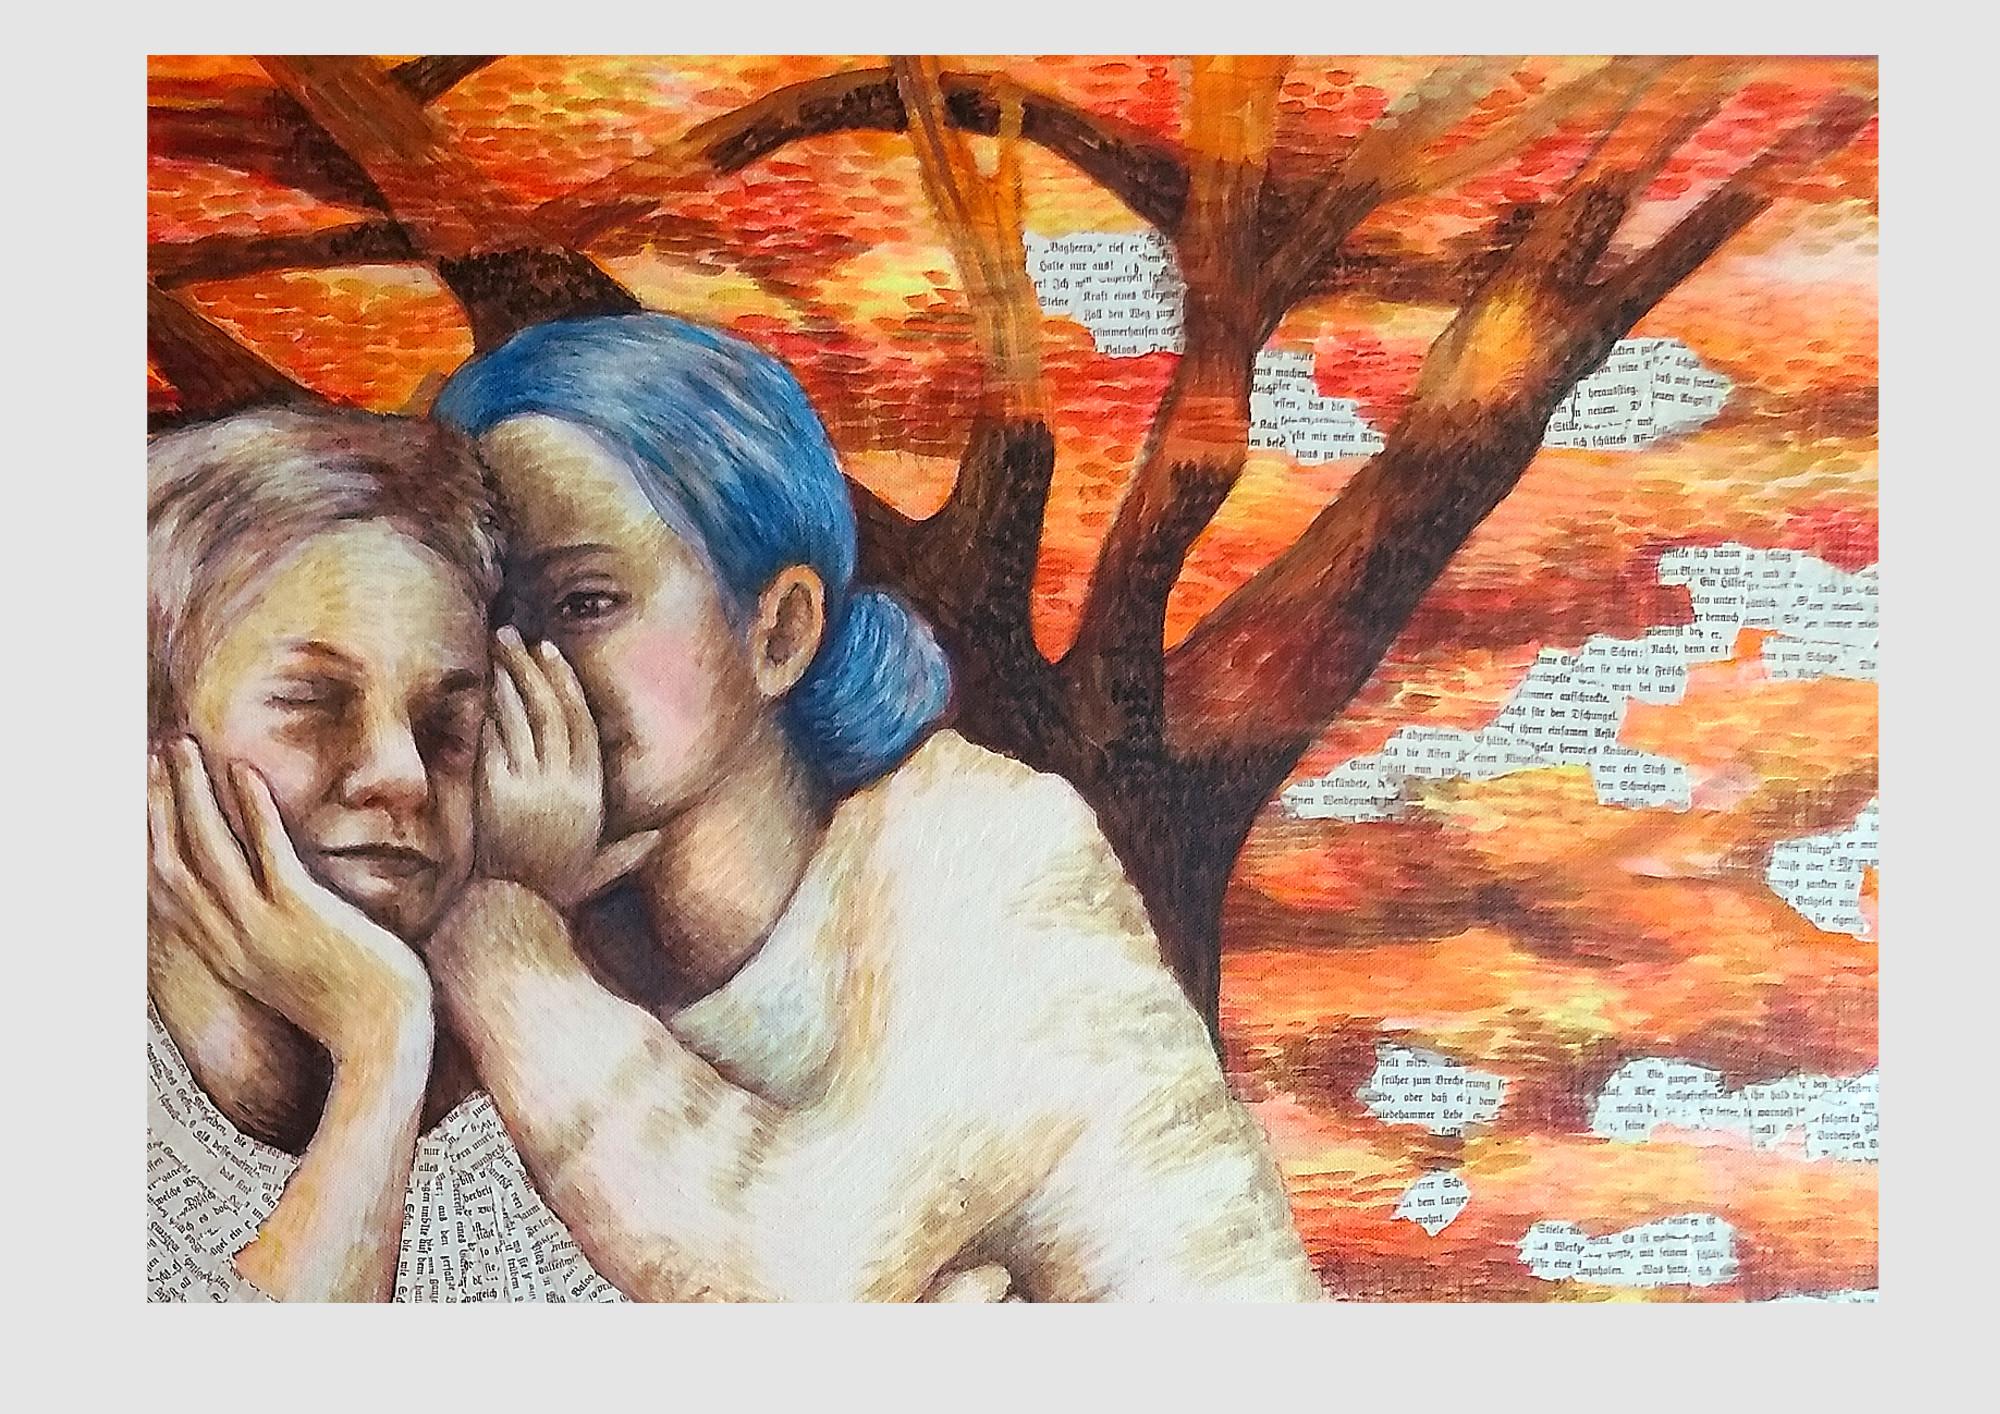 Malerei für Bücherfreunde und lese-liebhaber: Upcycling Kunst aus alten, zerliebten Buchseiten, zwei flüsternde Kinder im Herbstwald. Warme Farbtöne in Acrylfarbe mit Collage aus Buchseiten.